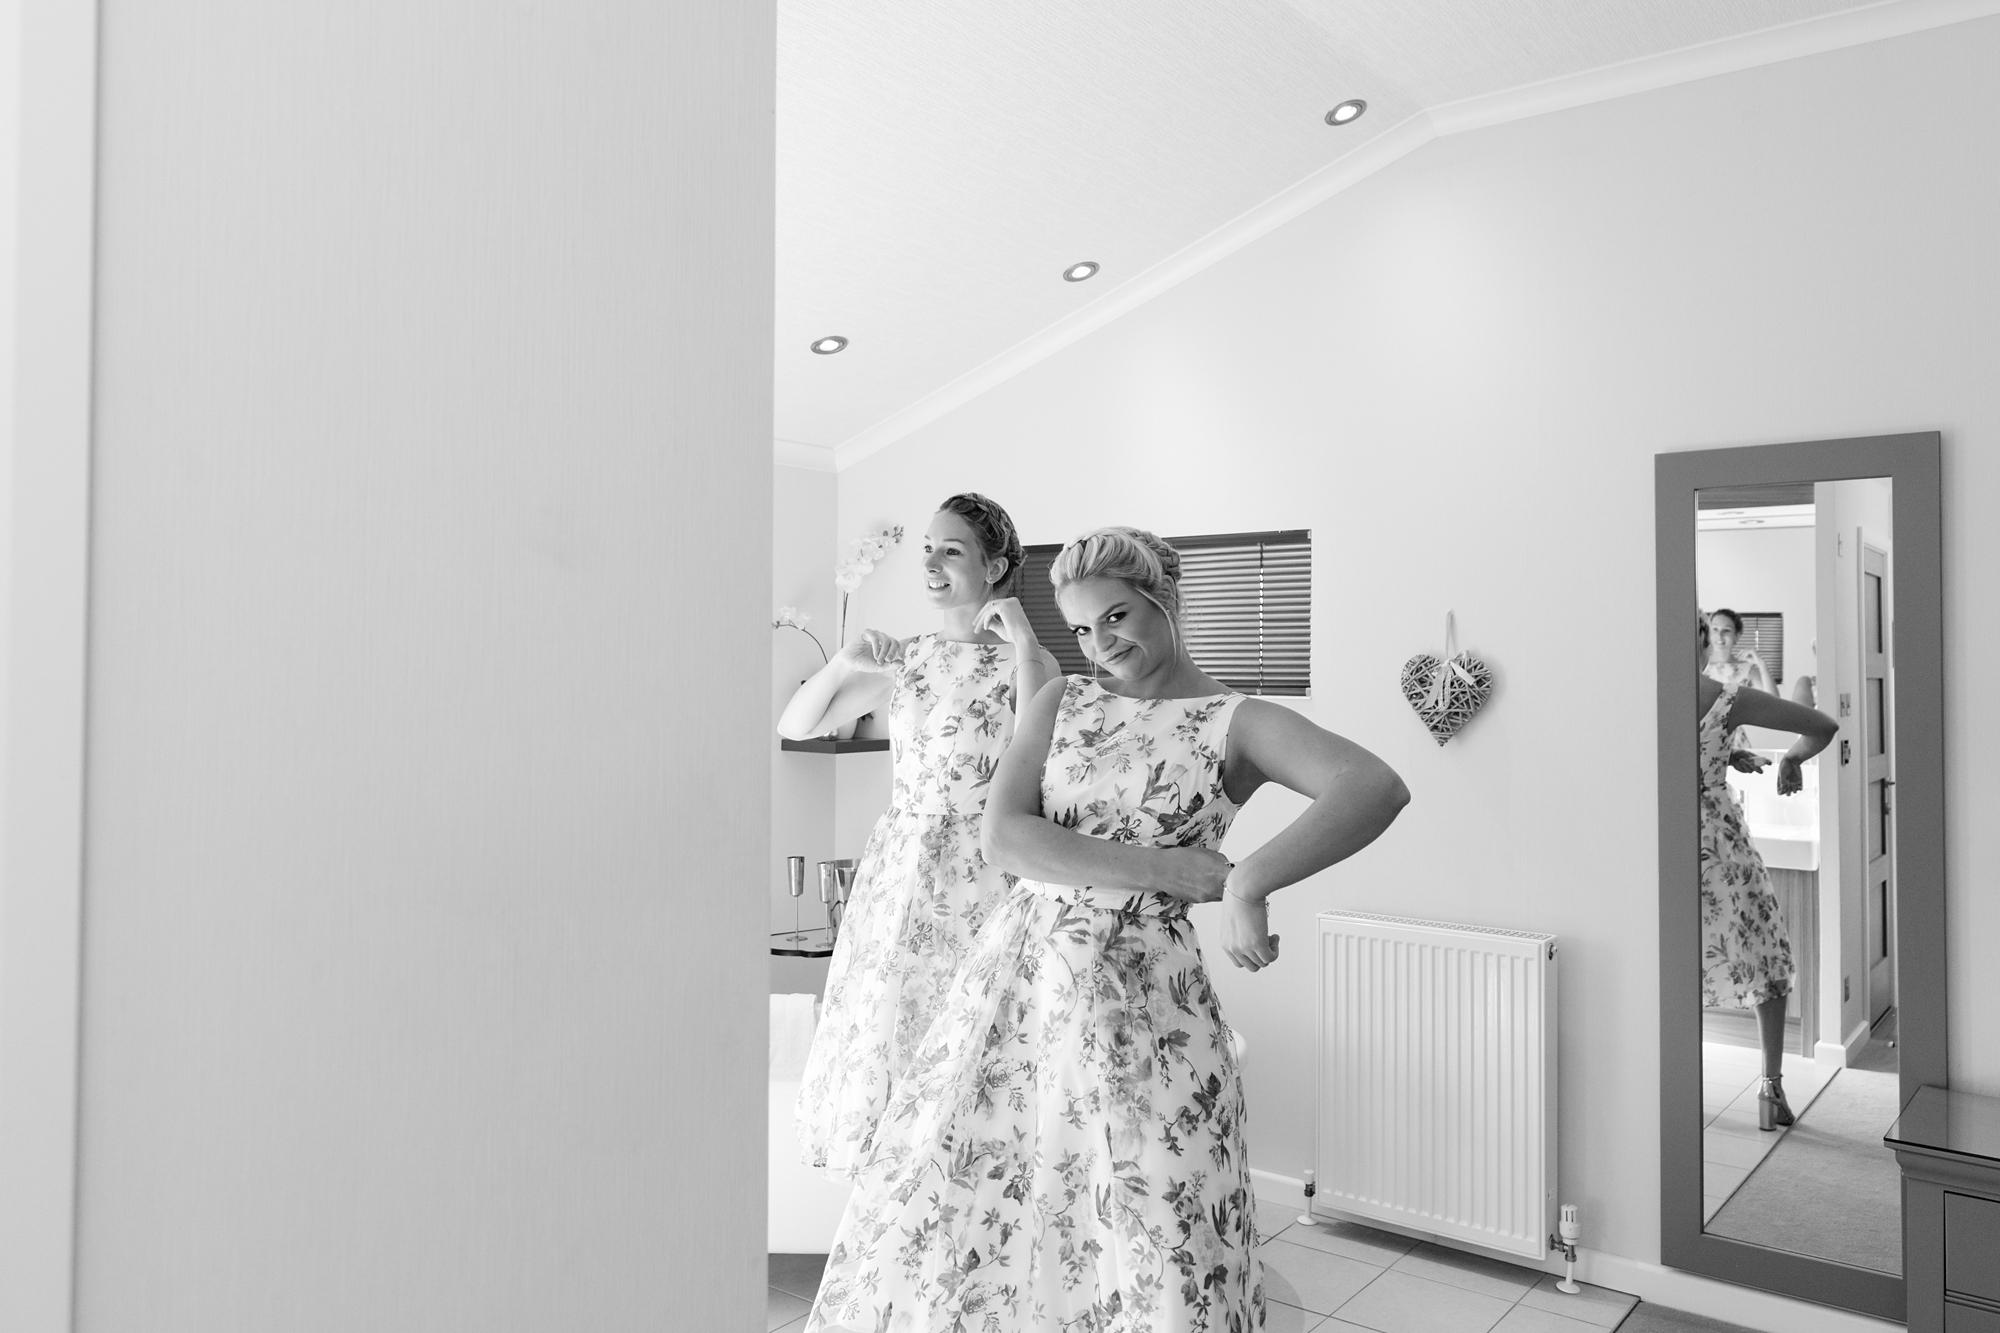 York Wedding Photography at Barmbyfield Barns bridesmaid being funny